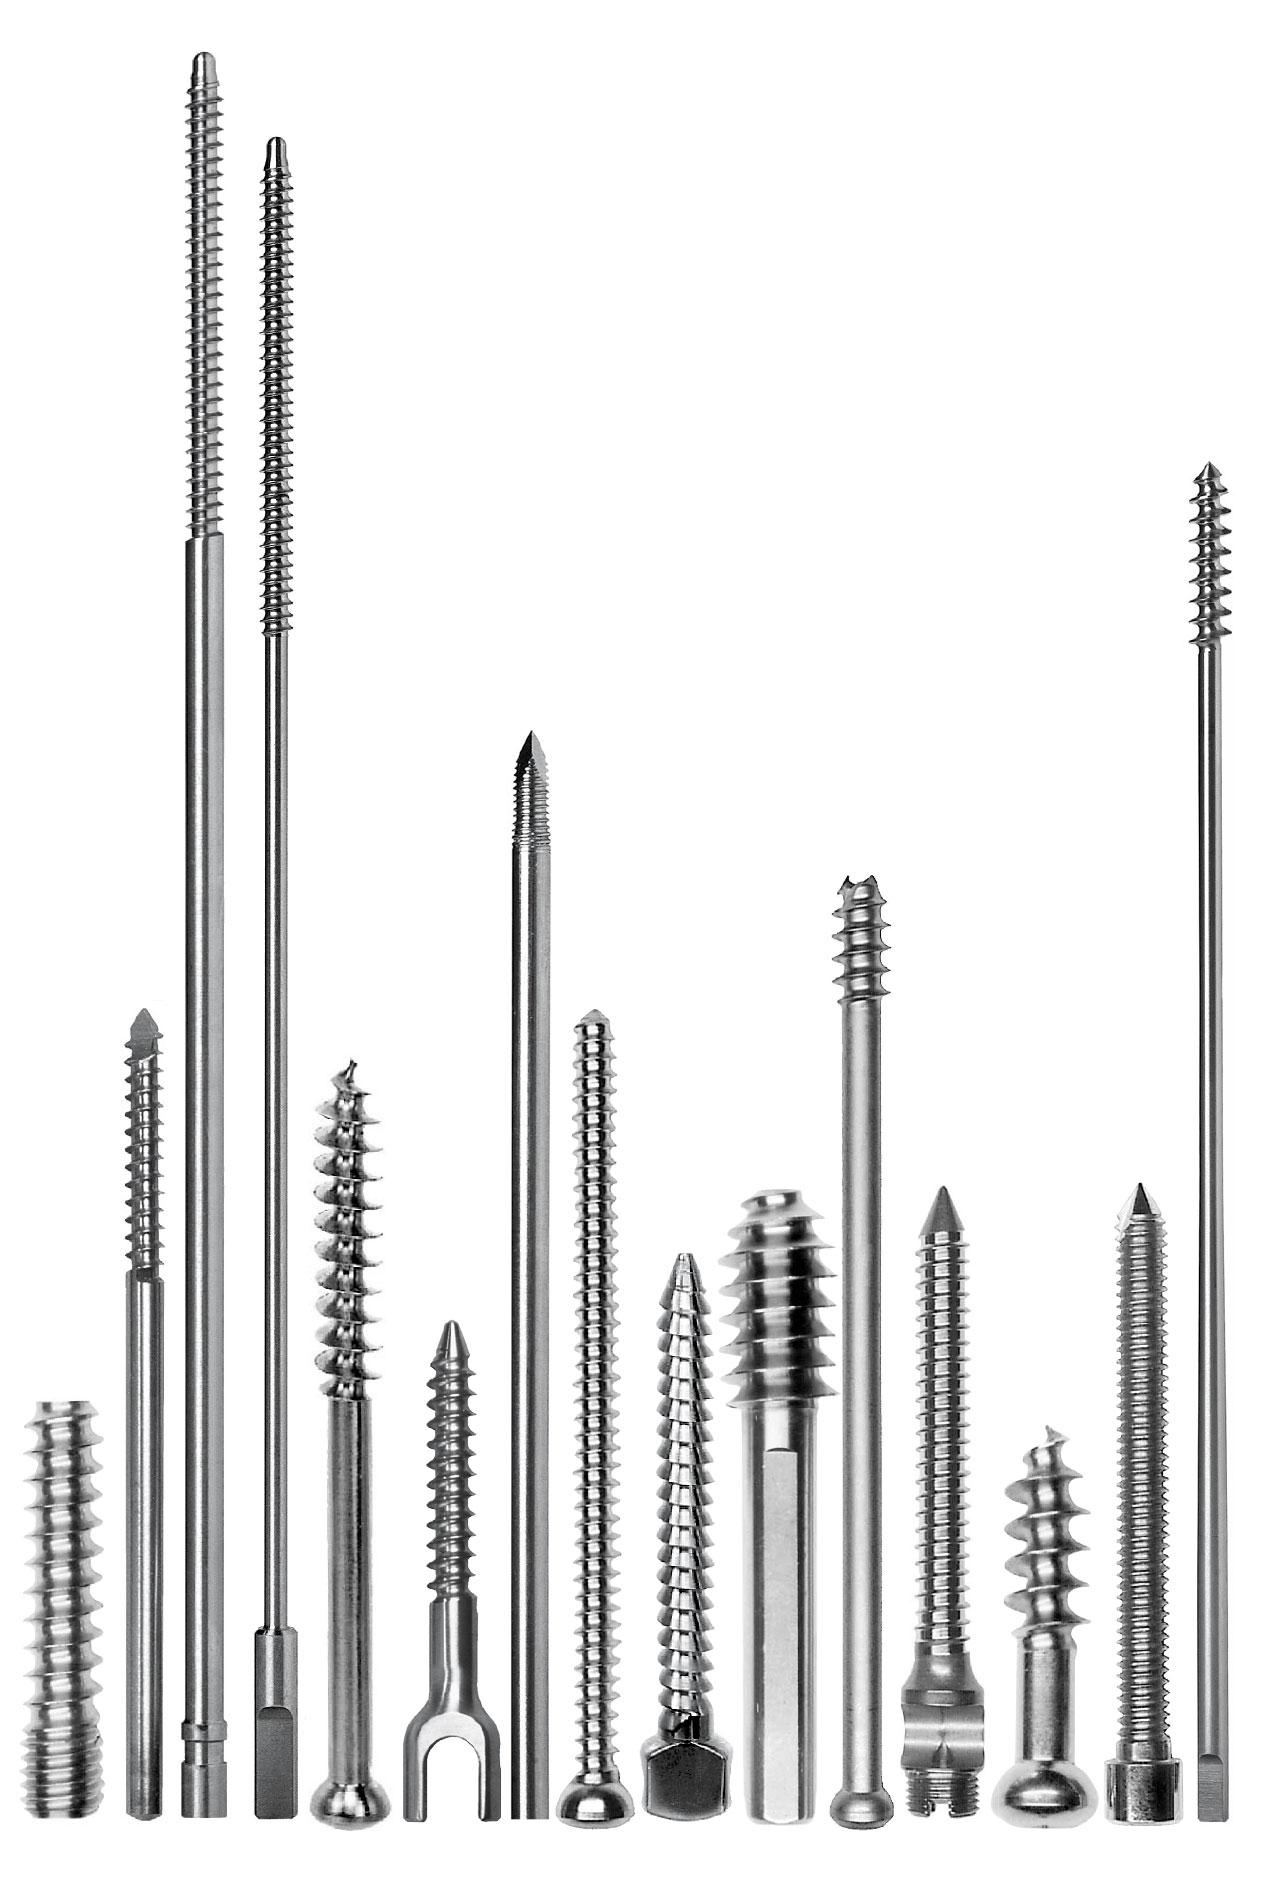 Bone Screws - MZ M544